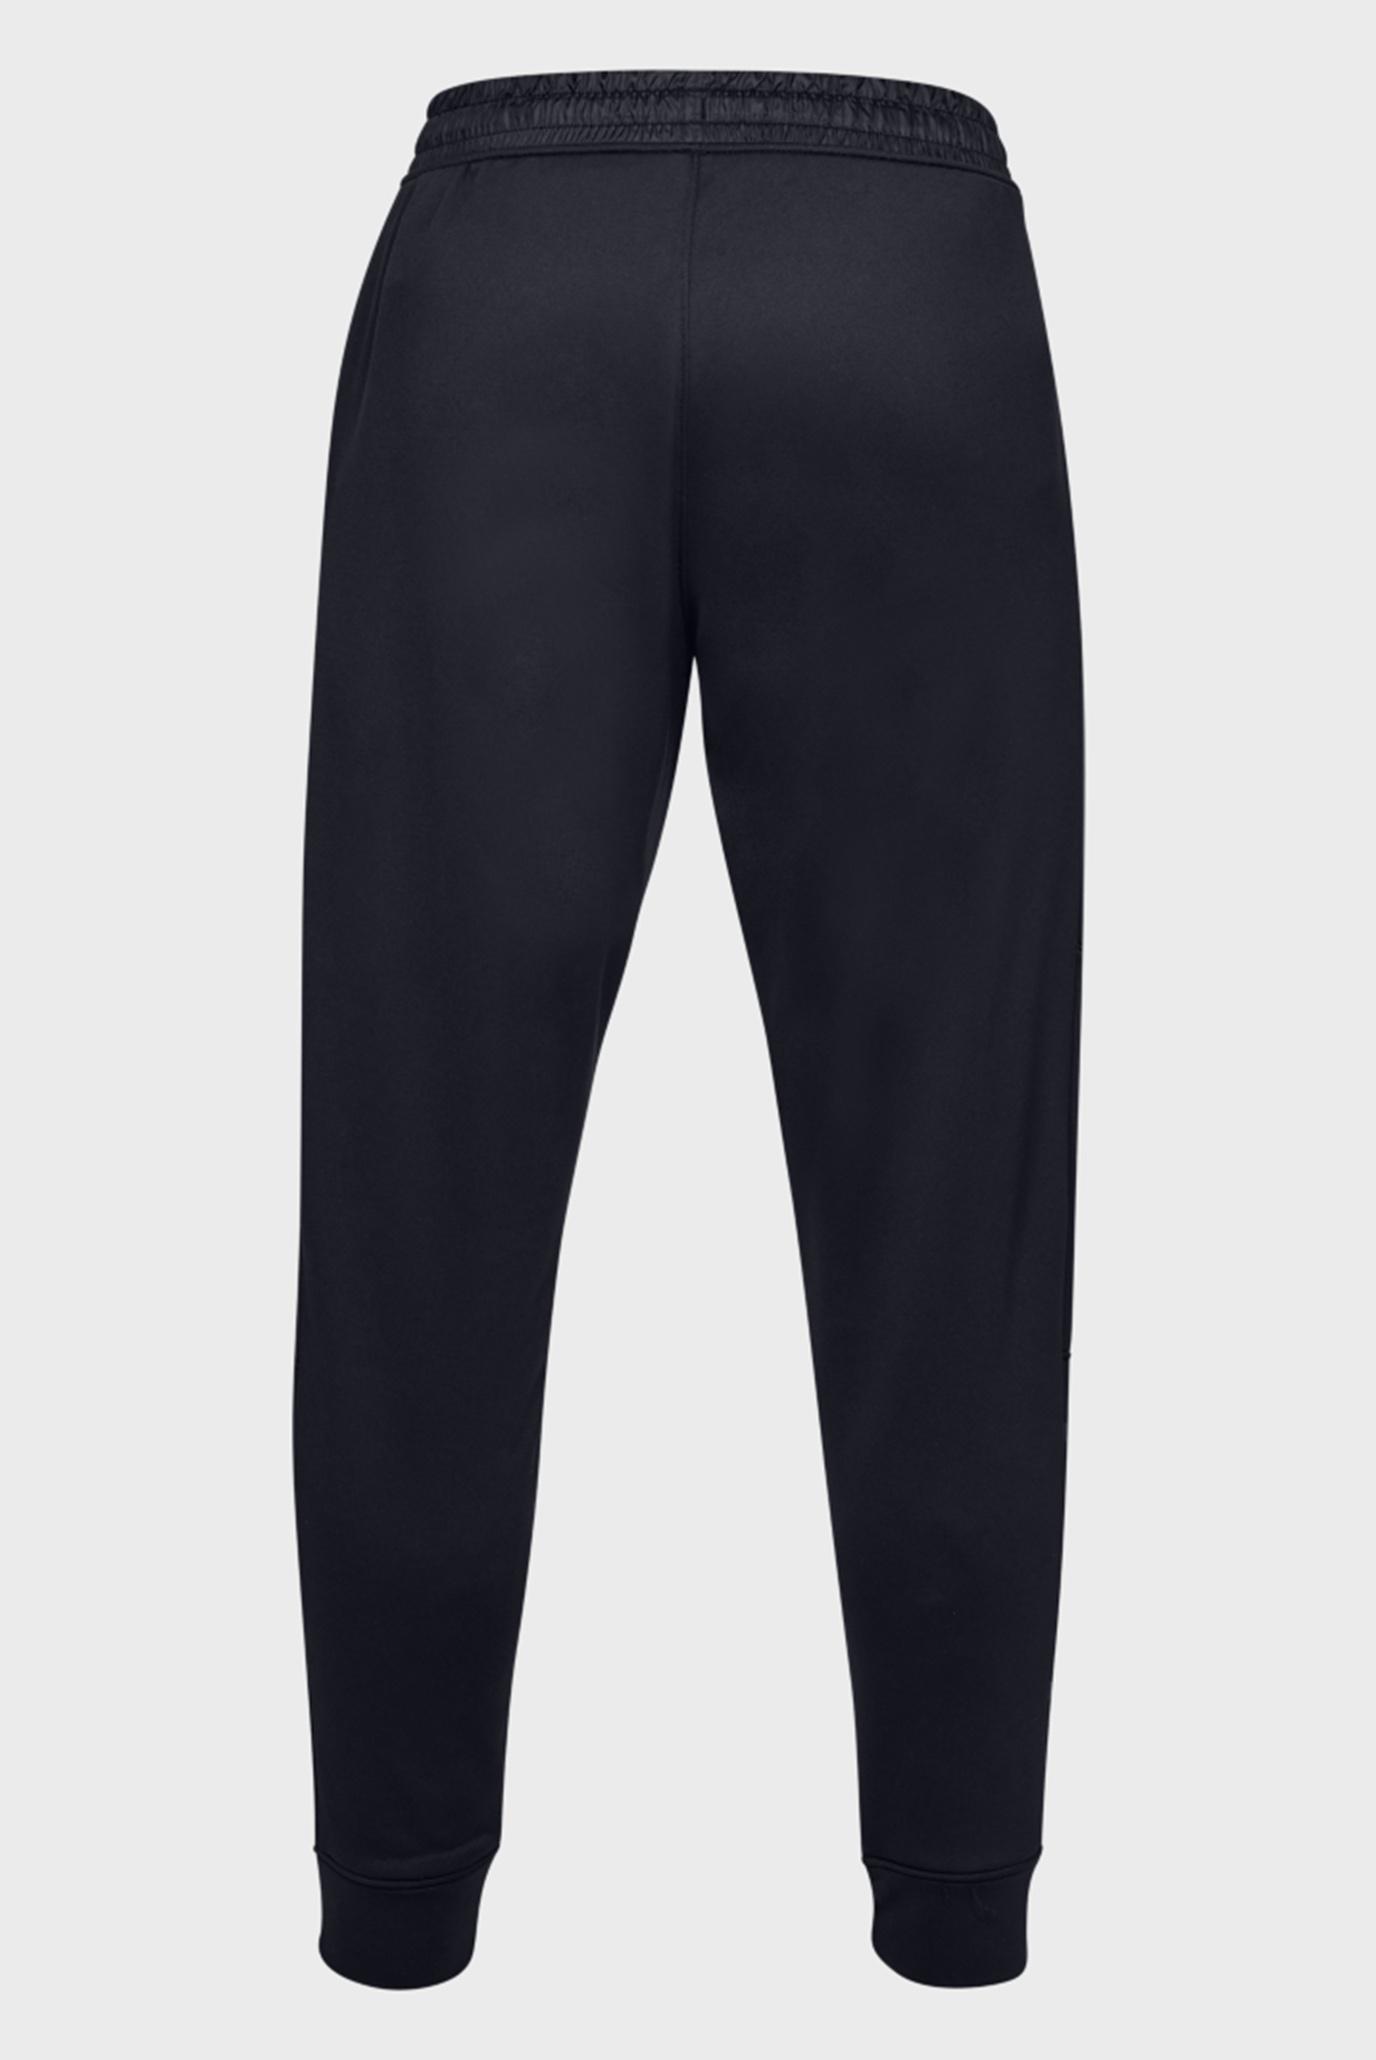 Купить Мужские черные спортивные брюки UA MK-1 Terry Joggers Under Armour Under Armour 1327407-001 – Киев, Украина. Цены в интернет магазине MD Fashion